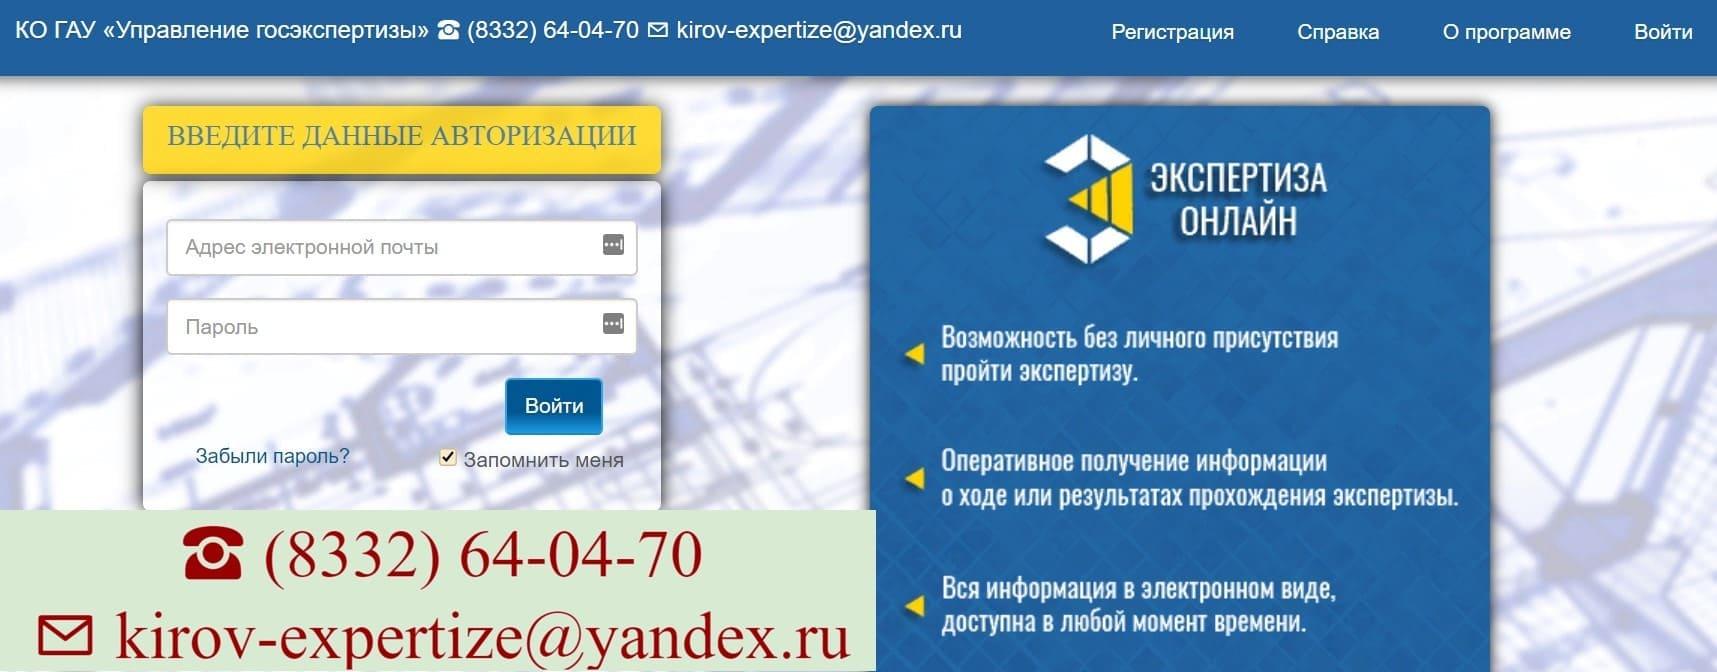 Киров экспертиза личный кабинет